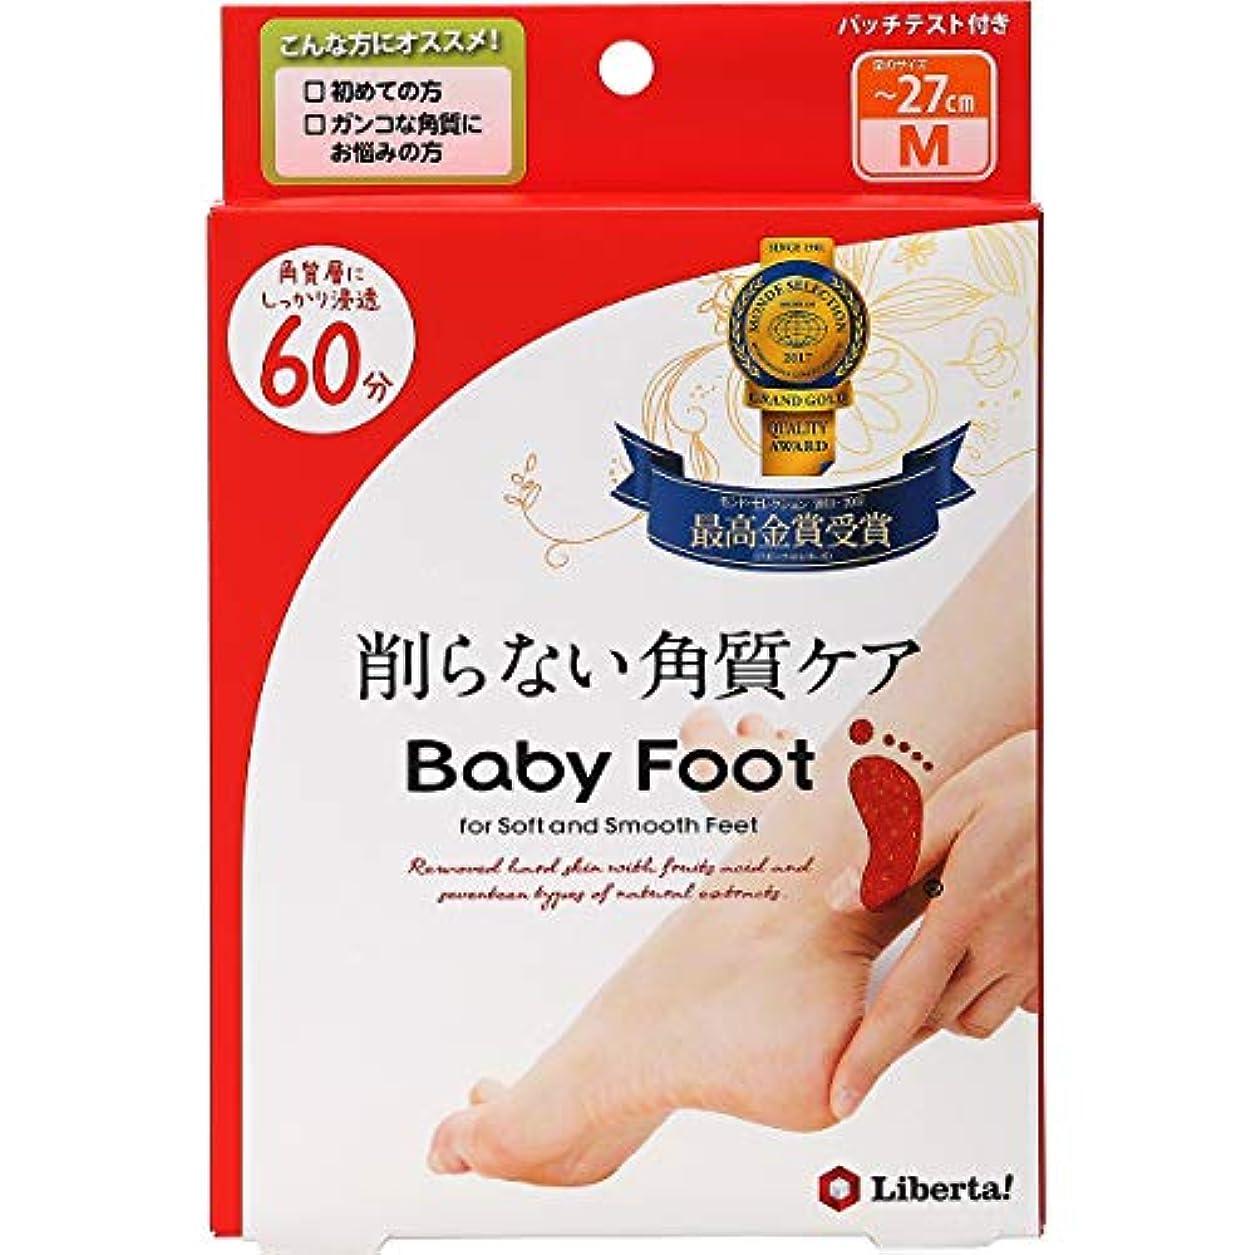 衣類見積りインセンティブベビーフット (Baby Foot) ベビーフット イージーパック SPT60分タイプ Mサイズ 単品